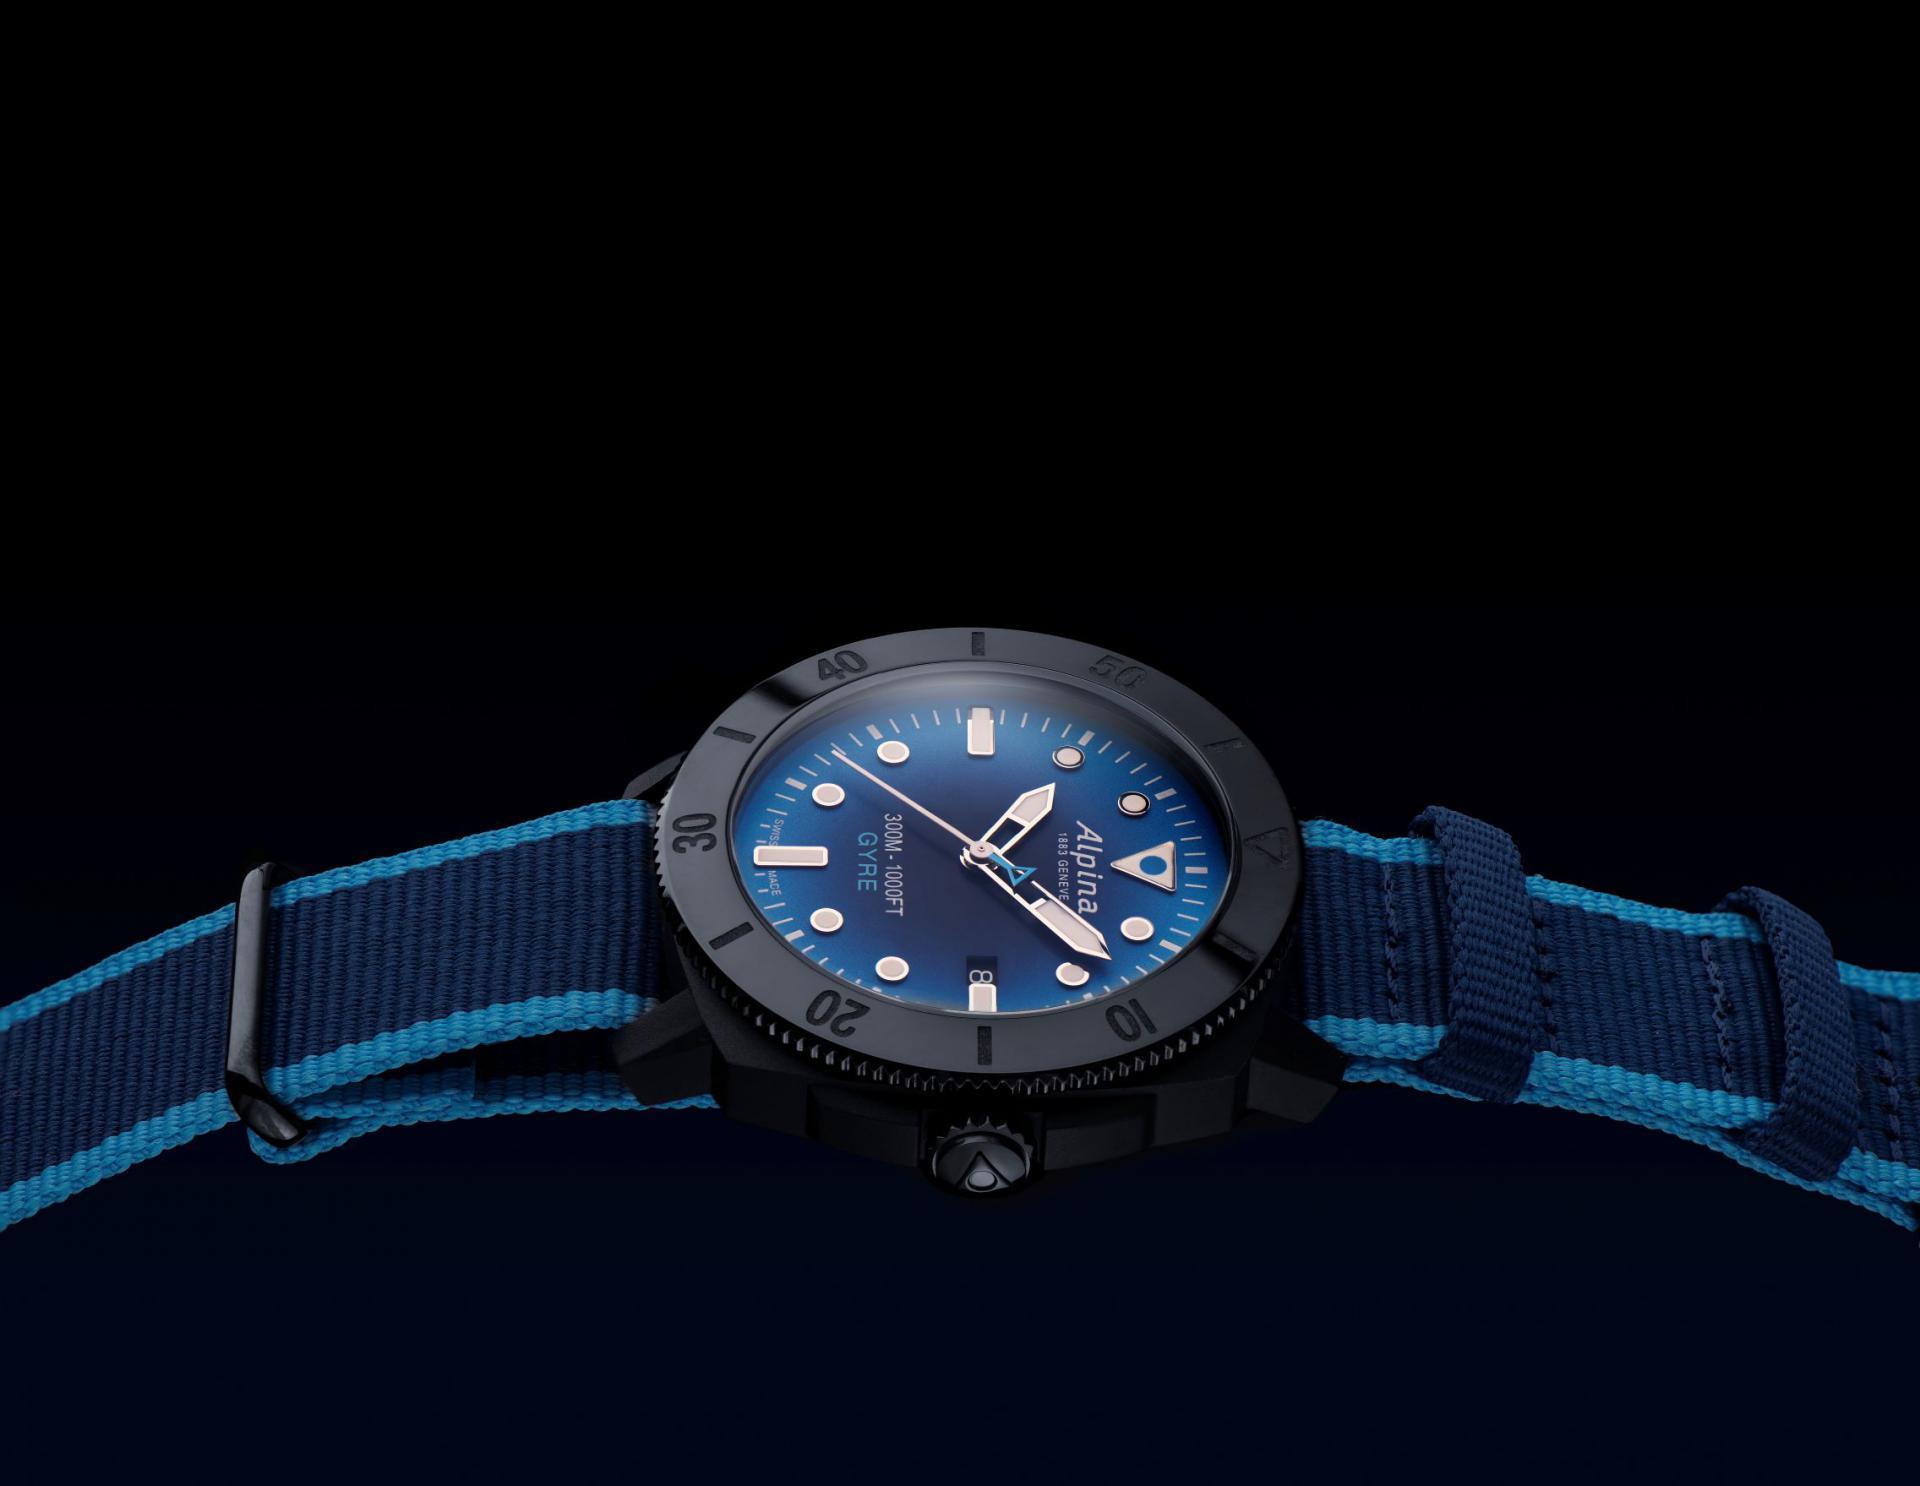 Montre Alpina – Seastrong Diver Gyre – une montre de plongée engagée pour les océans